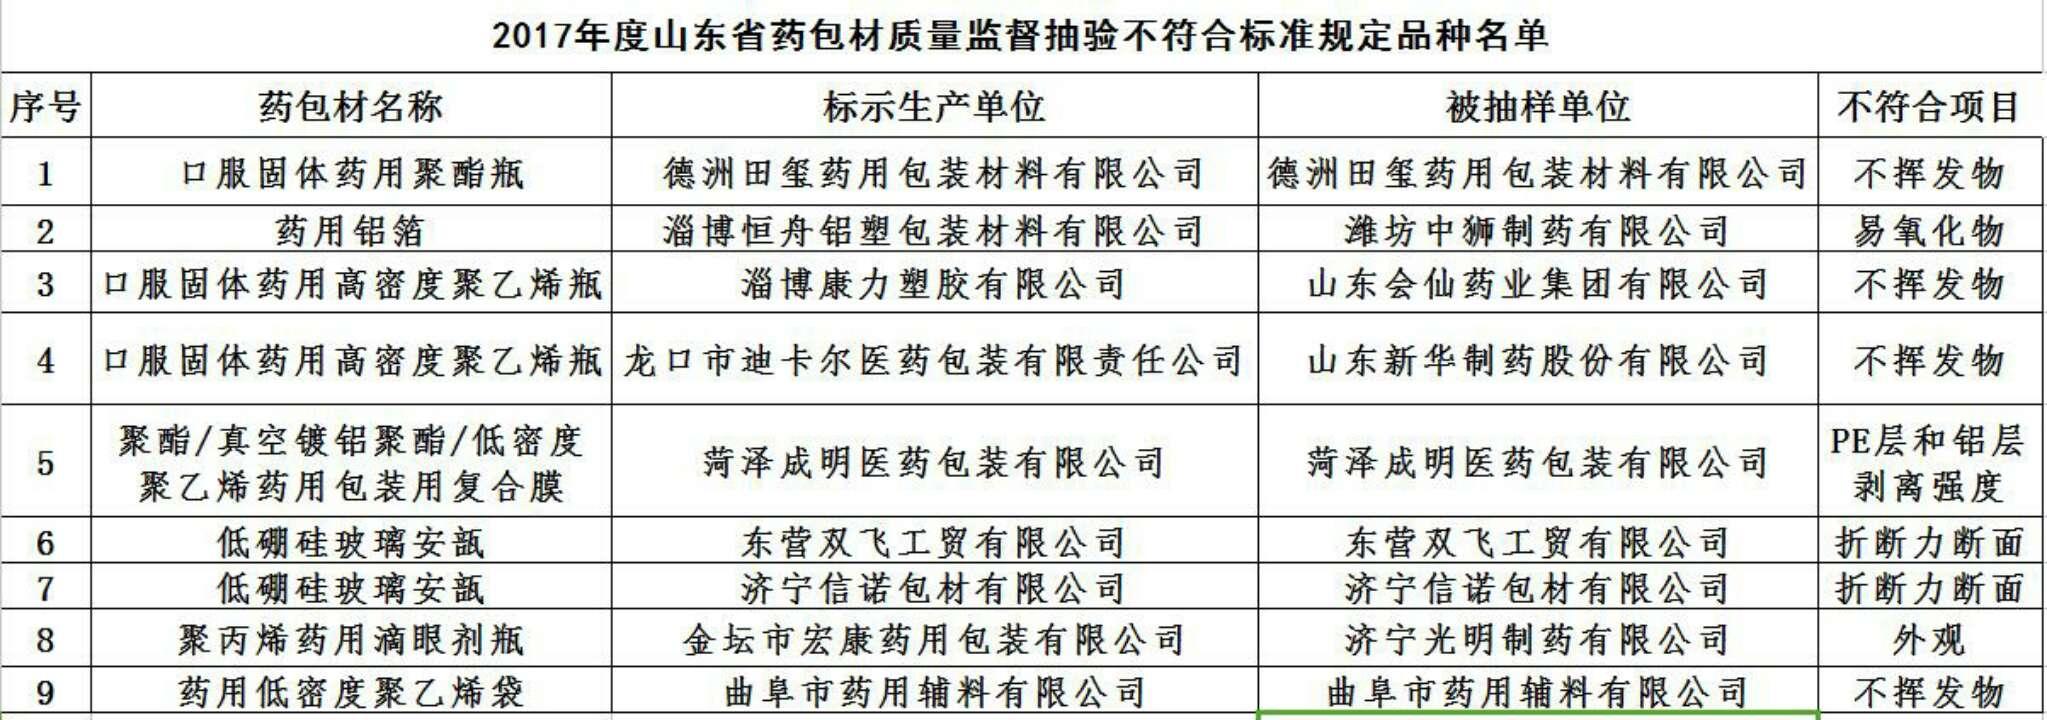 ca88亚洲城娱乐这9批次药包材不合格 新华制药等上榜